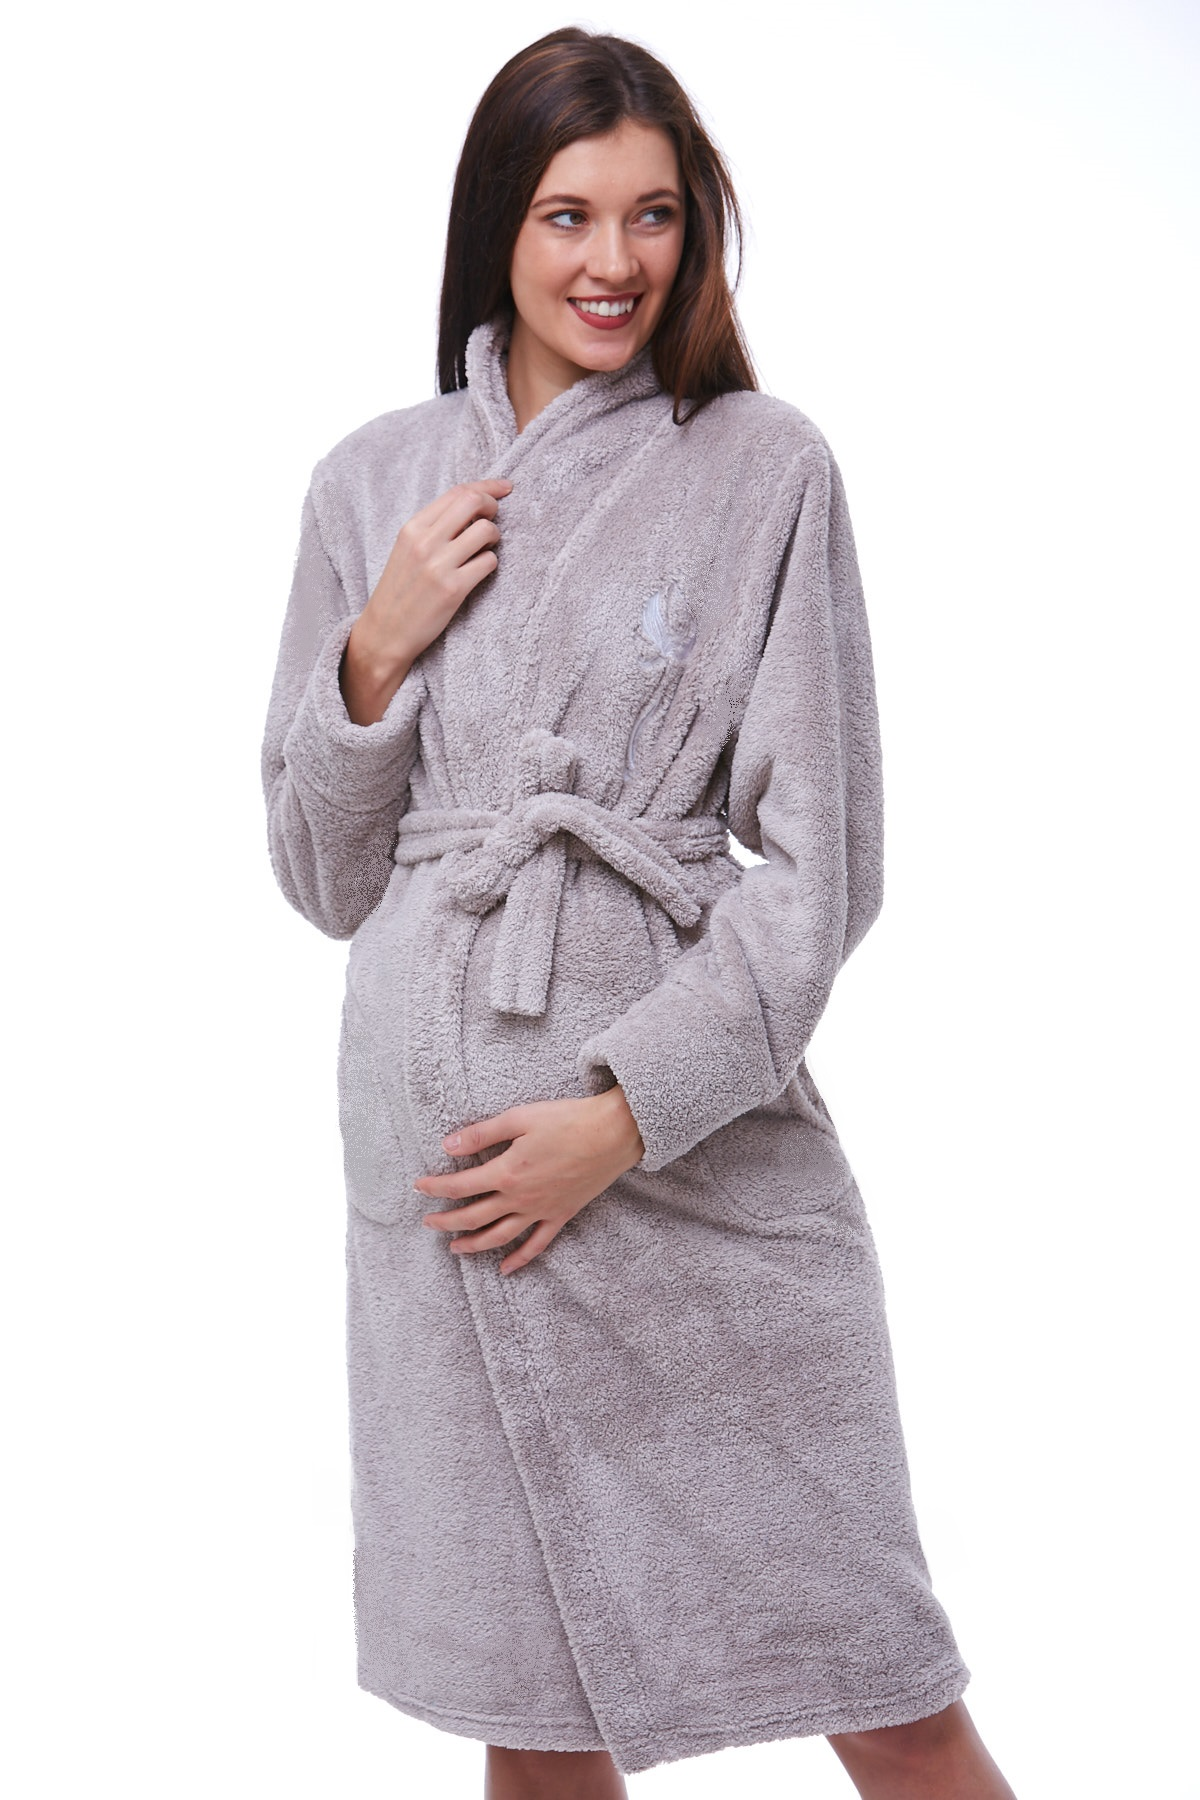 Těhotenský župan huňatý 1W0203